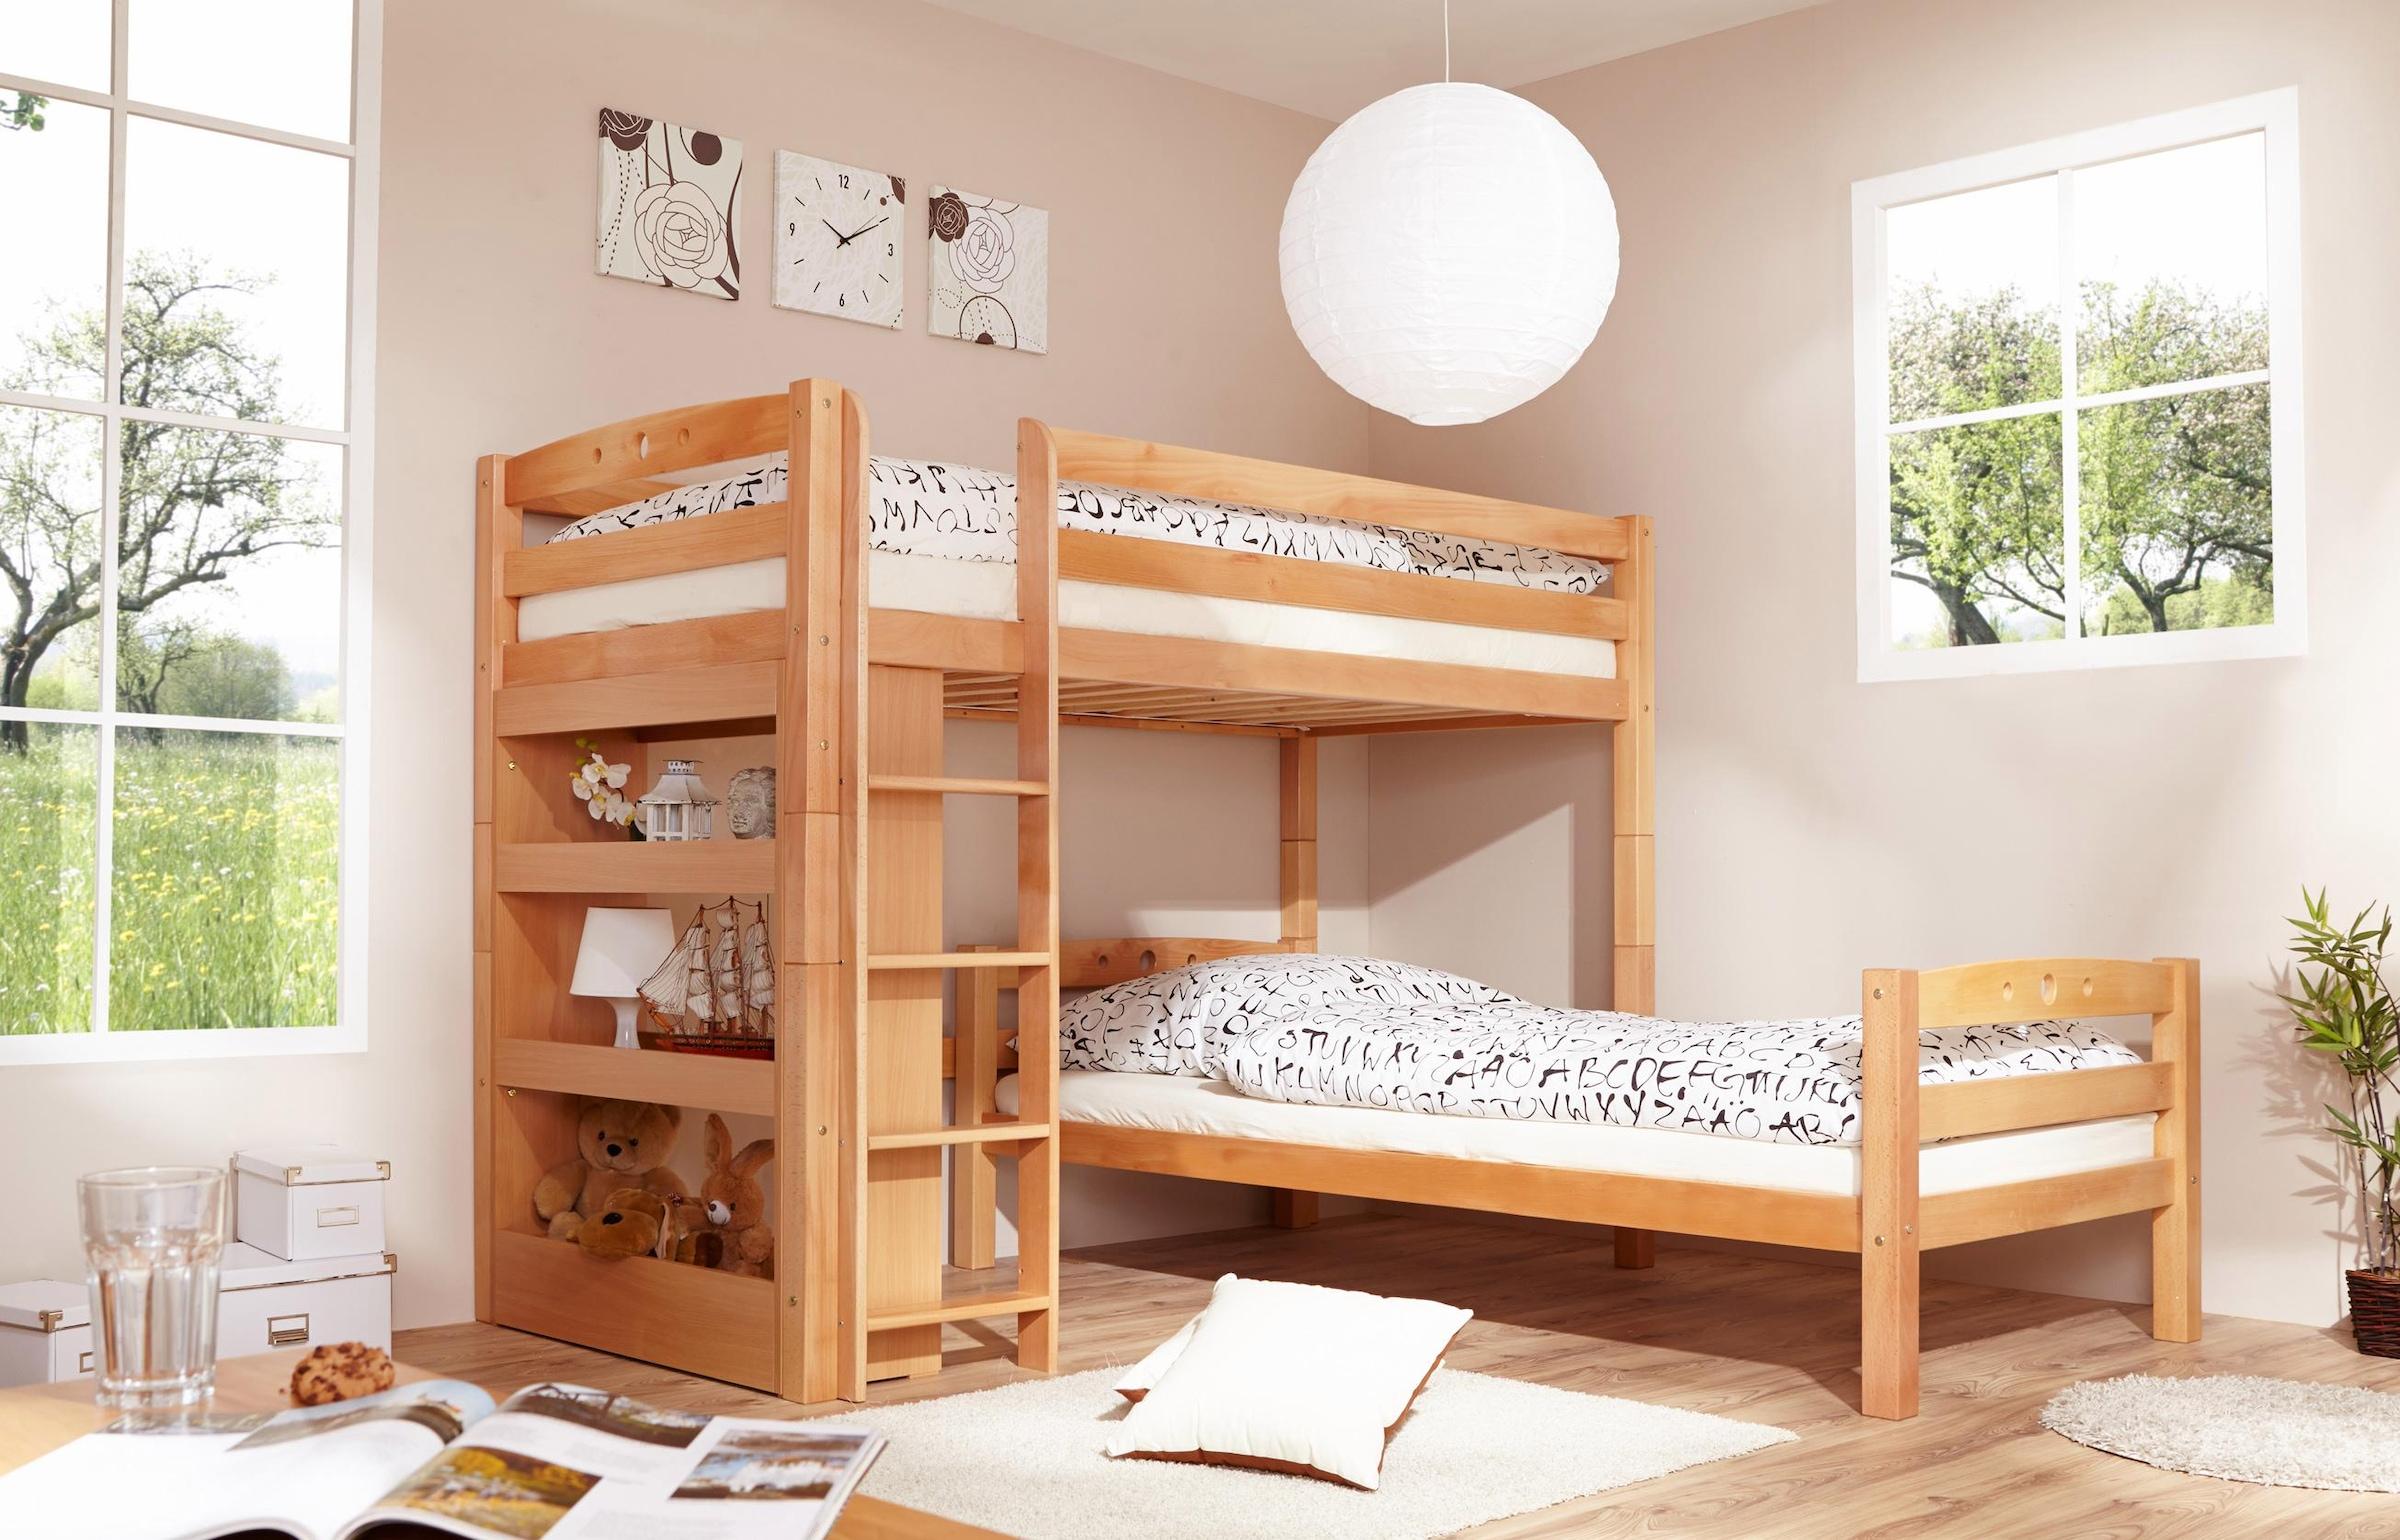 Etagenbett Mit 3 Schlafgelegenheiten : Etagenbetten auf rechnung bestellen quelle